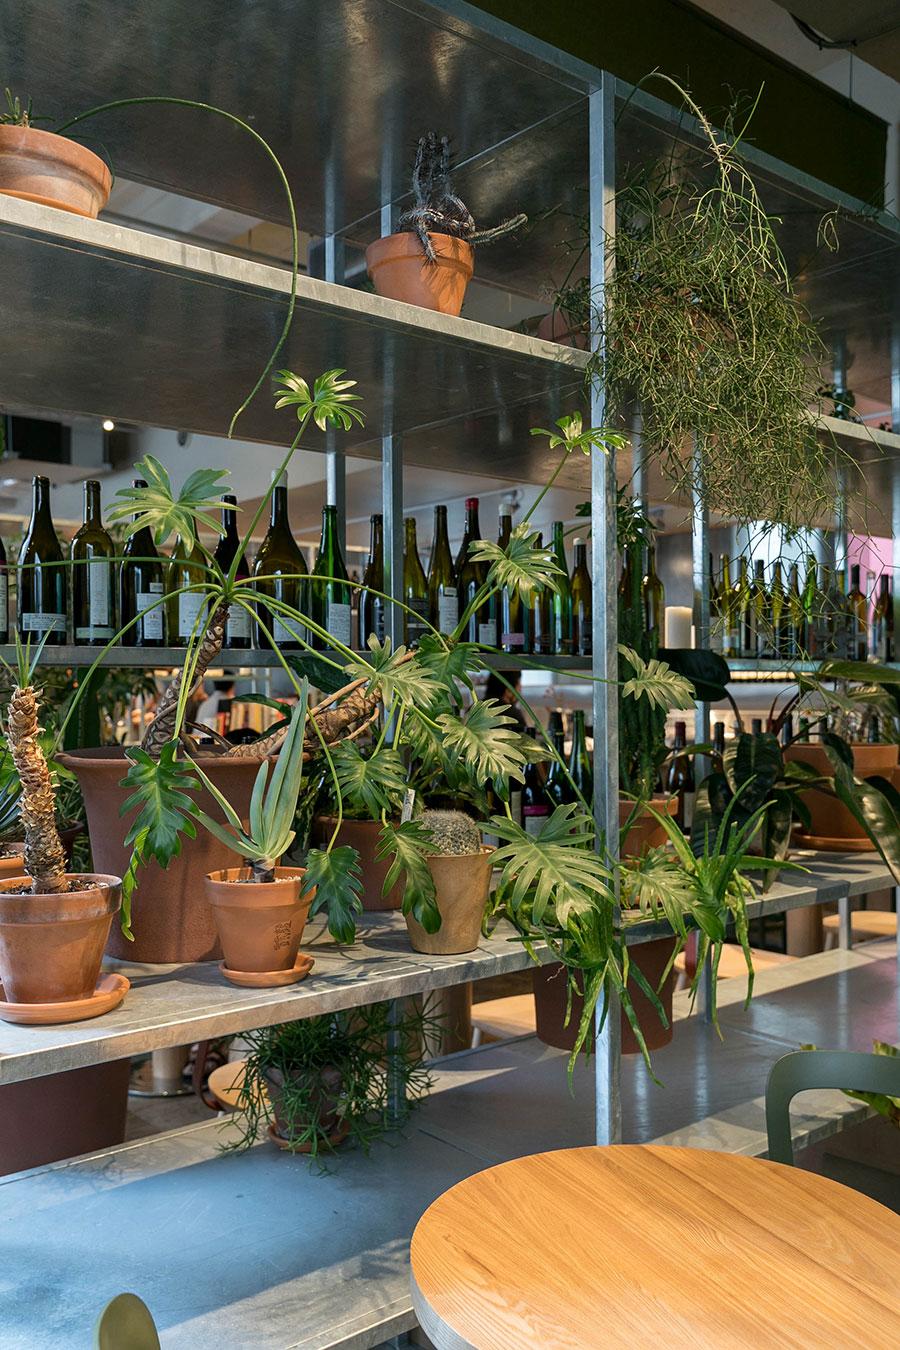 コーヒーショップとワインバーは棚でゆるやかに仕切られる。棚の上には葉が垂れるものを飾る。「鉢の配置は時々変わるので、楽しんでいただければと思います」